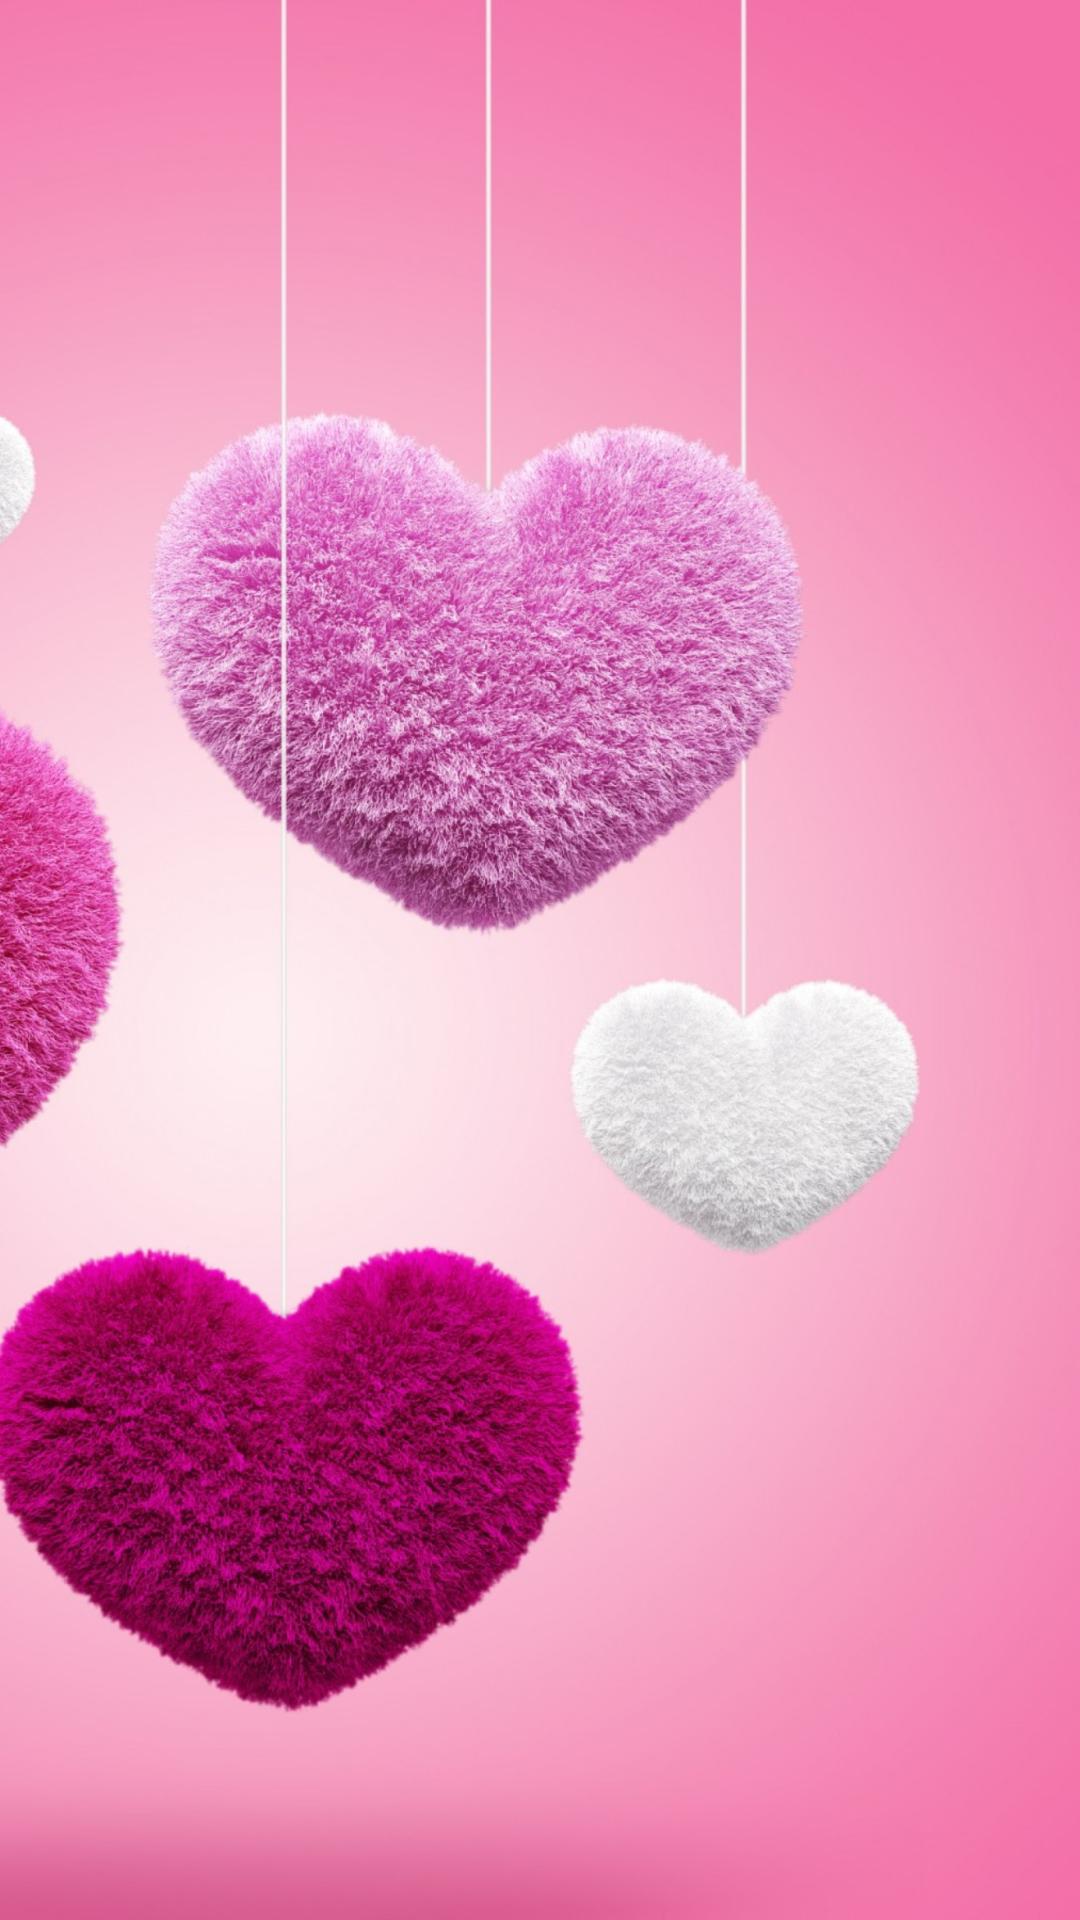 Картинка с сердечками на телефон